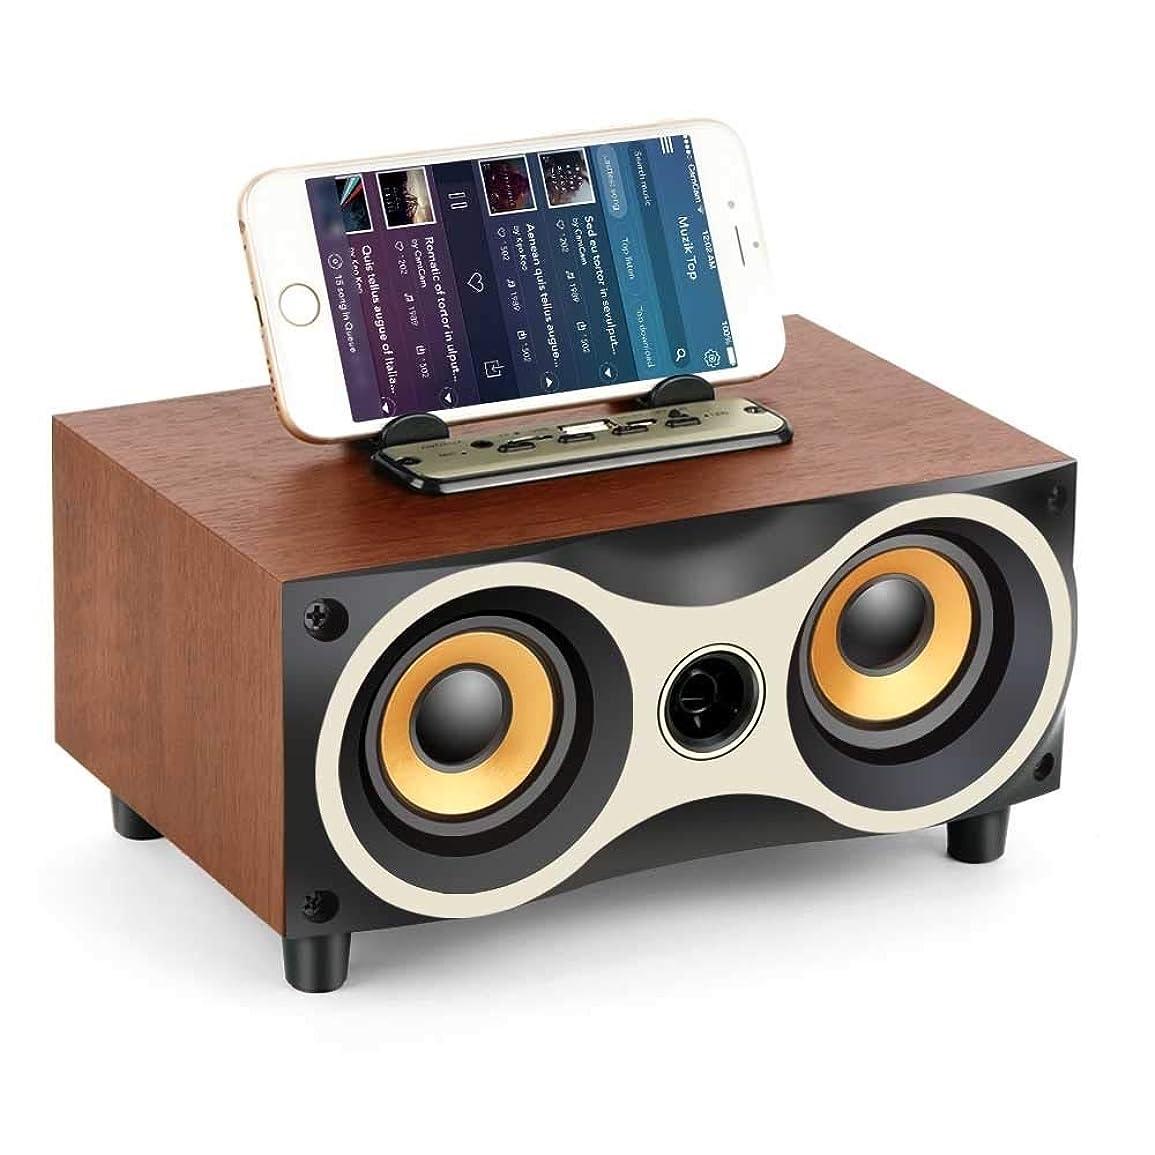 大臣市長禁じるEryanone X6ポータブル木製ラジオスピーカーのサブウーファーがSteroワイヤレスFMデスクトップBluetoothスピーカー新